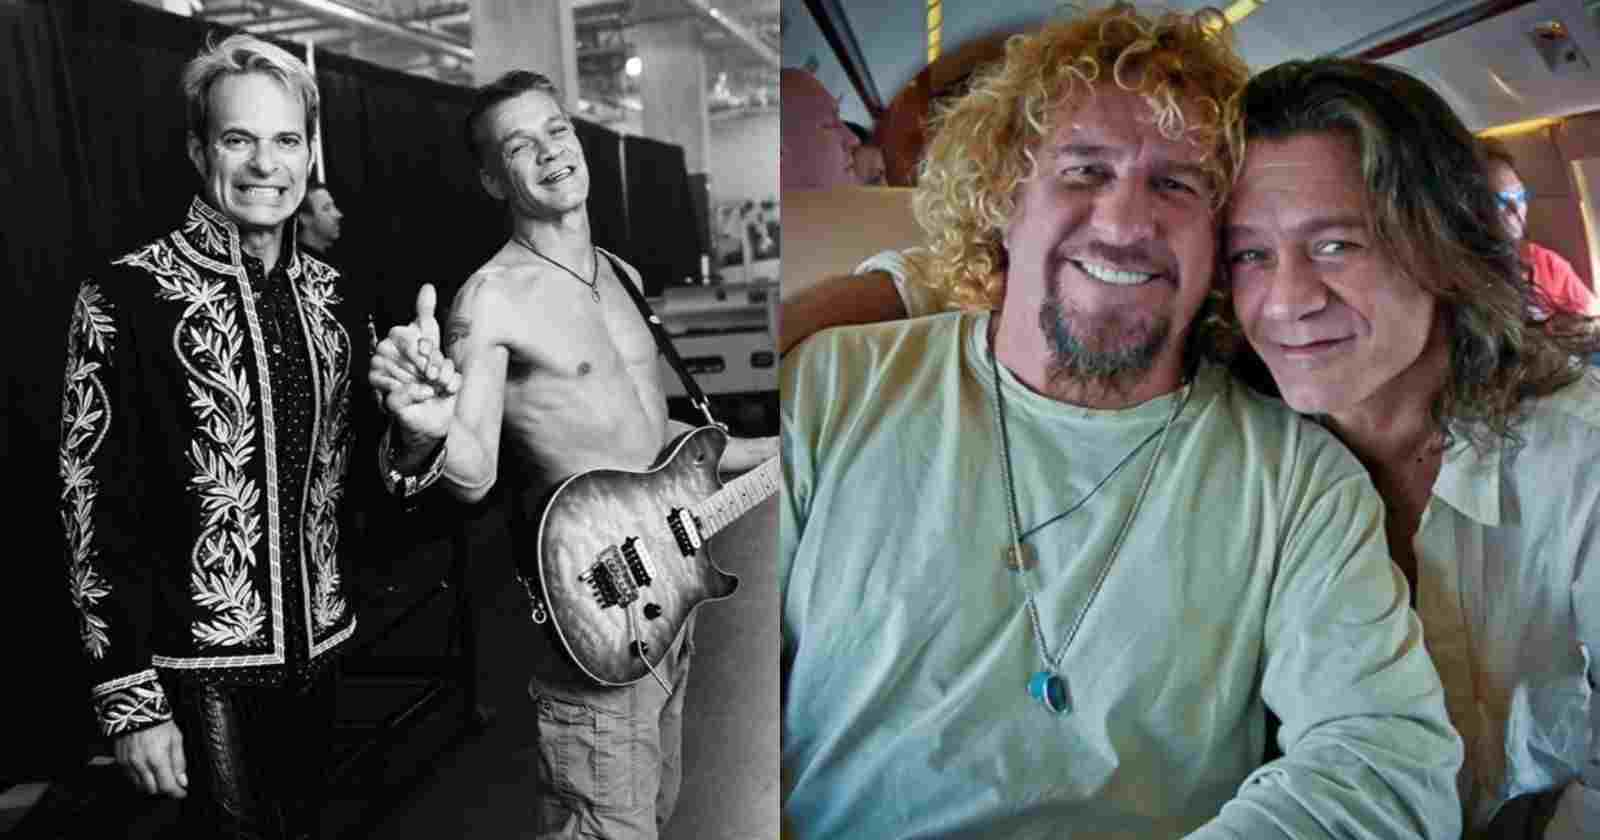 Van Halen members